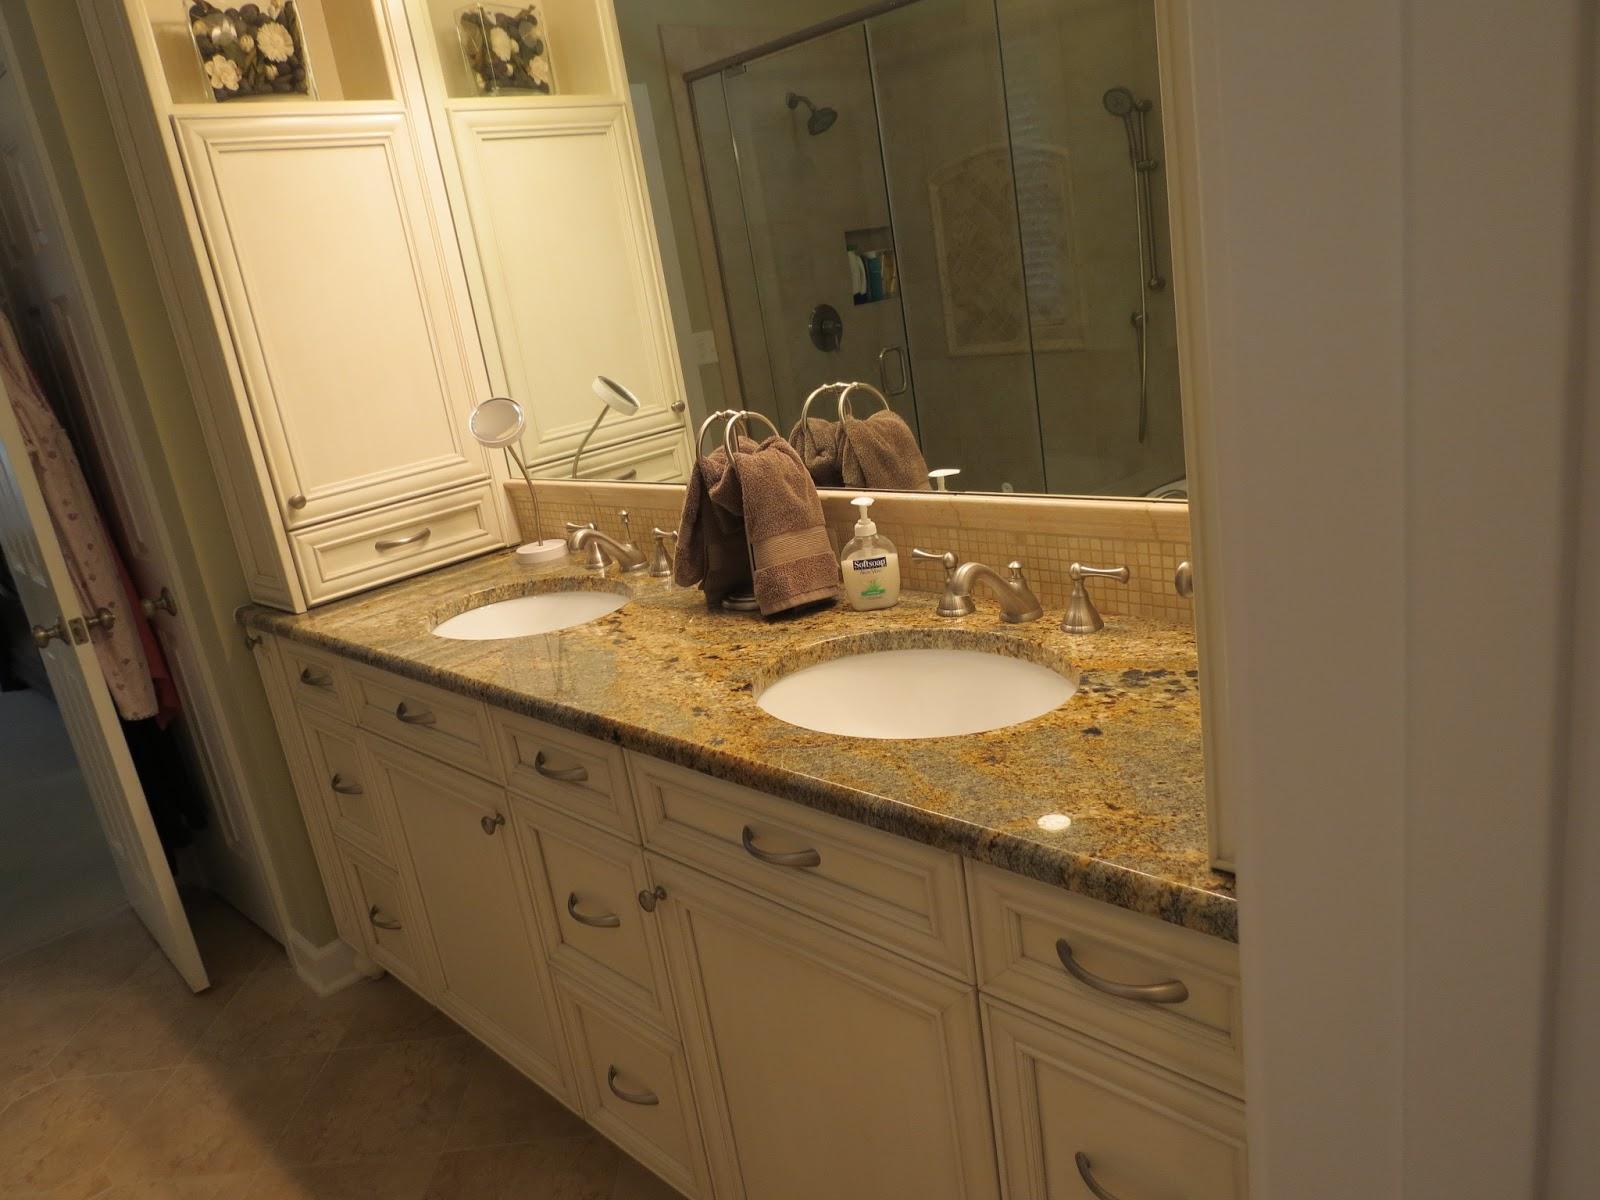 linda beam an affection for staging updates for kitchen remodel. Black Bedroom Furniture Sets. Home Design Ideas